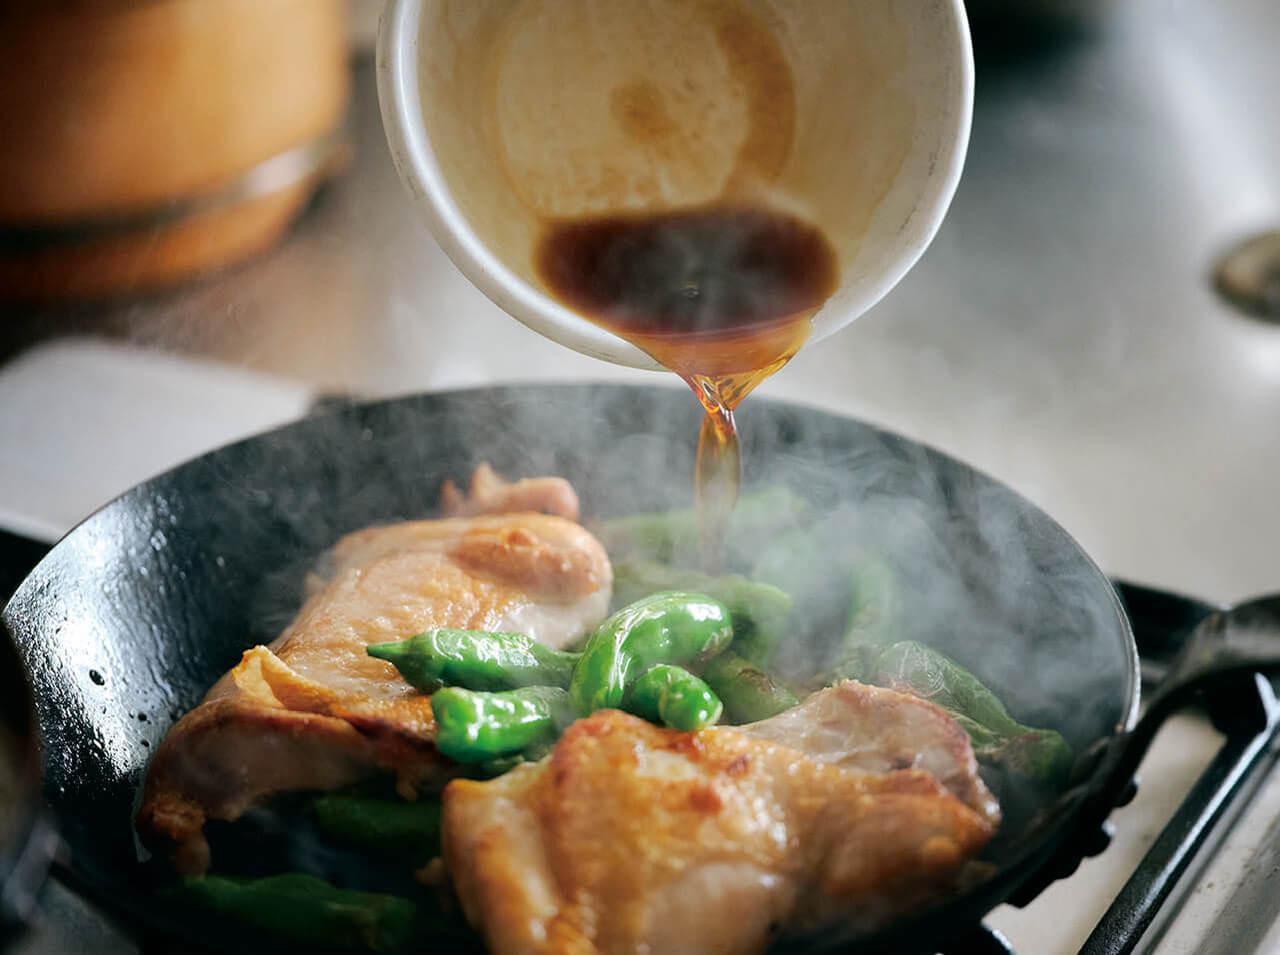 鶏の照り焼きは酒でじっくり焼いてからタレをからめると、ふっくら仕上がる